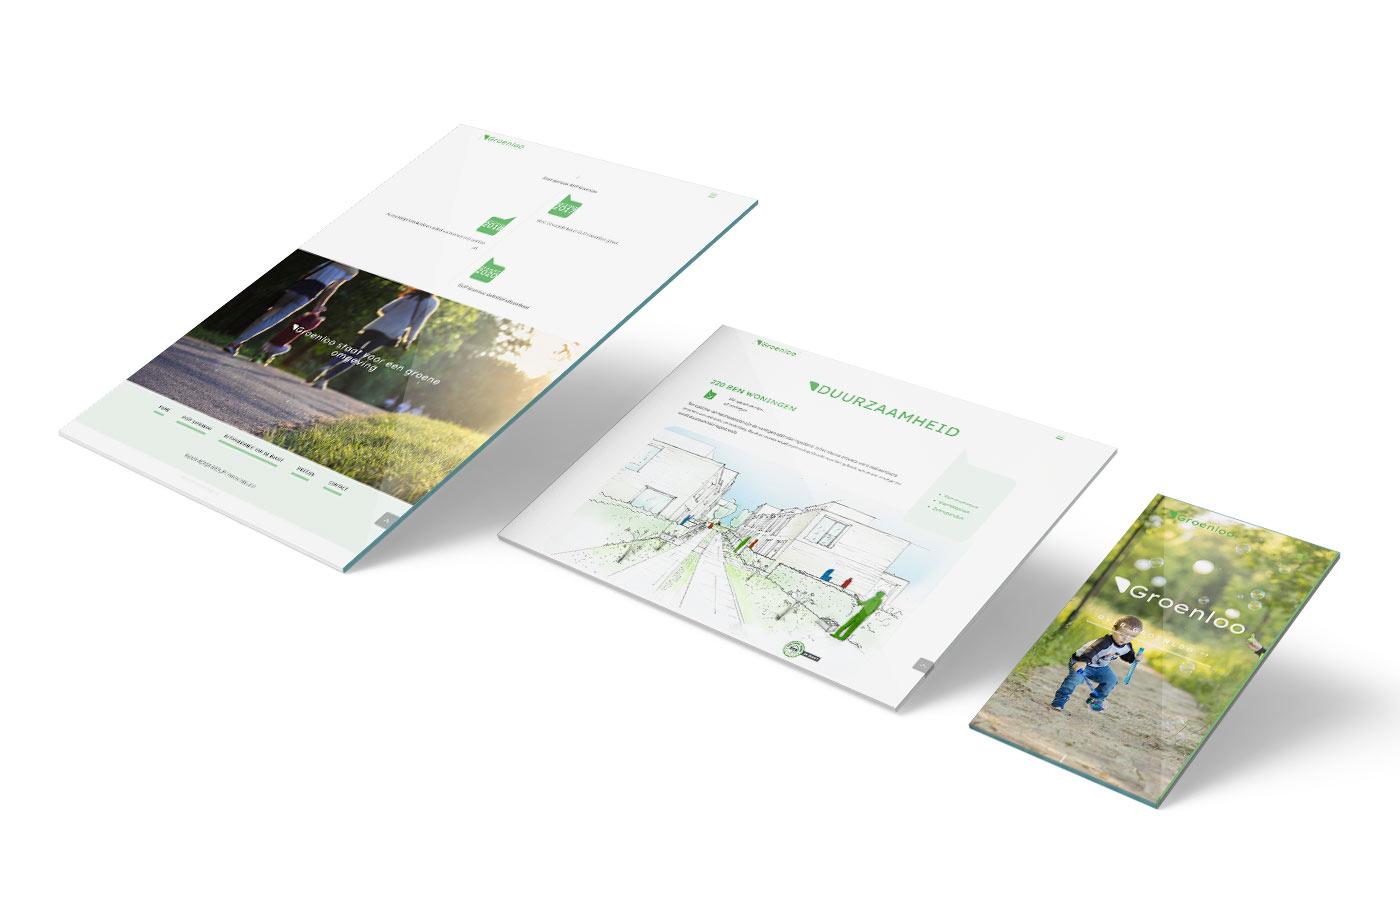 mark-up-webdesign-groenloo-presentatie-2